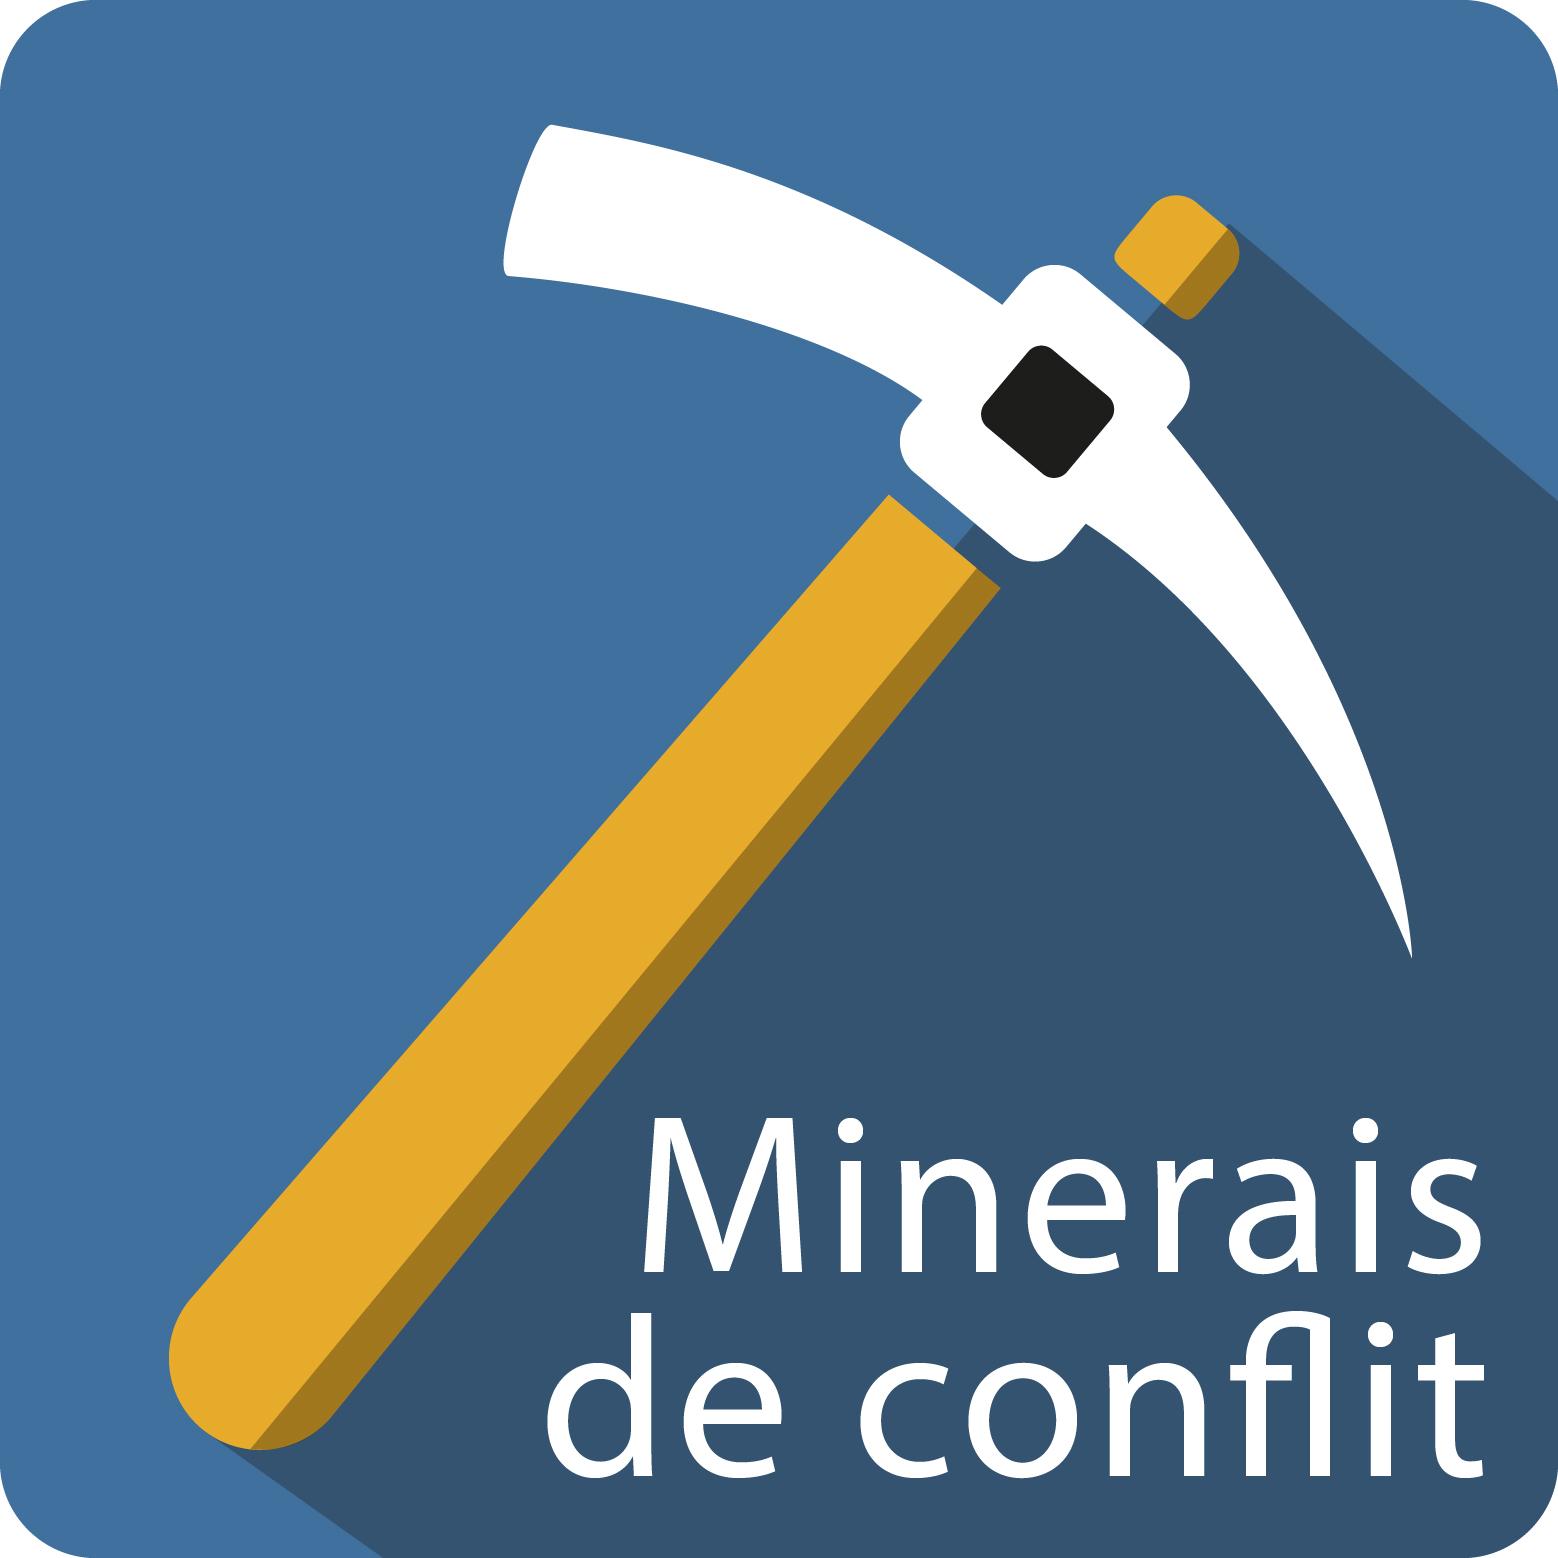 Minerais de conflit Logo